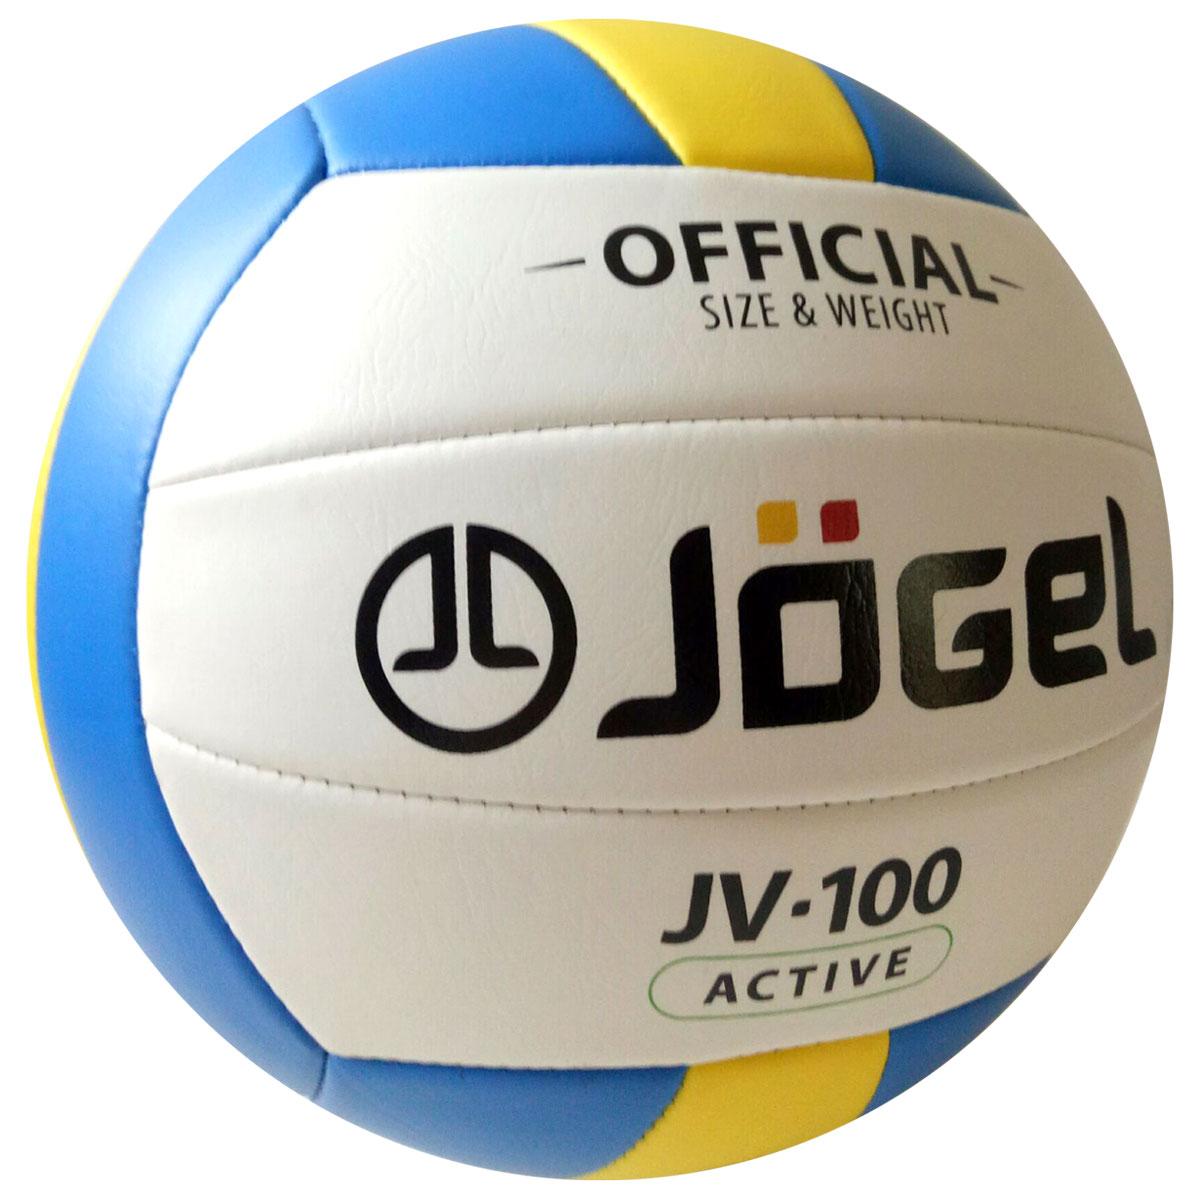 Мяч волейбольный Jogel, цвет: голубой, желтый. Размер 5. JV-100УТ-00009279Волейбольный мяч Jogel хорошо подойдет для любительской игры и тренировок. Покрышка мяча выполнена из синтетической кожи (поливинилхлорид), которая обладает хорошей износостойкостью и отличными игровыми характеристиками.Мяч состоит из 18 сшитых панелей. Мяч оснащен камерой из бутила и армирован подкладочным слоем из ткани. Вес: 260-280 гр.Длина окружности: 65-67 см.Рекомендованное давление: 0.29-0.32 бар.УВАЖАЕМЫЕ КЛИЕНТЫ!Обращаем ваше внимание на тот факт, что мяч поставляется в сдутом виде. Насос в комплект не входит.